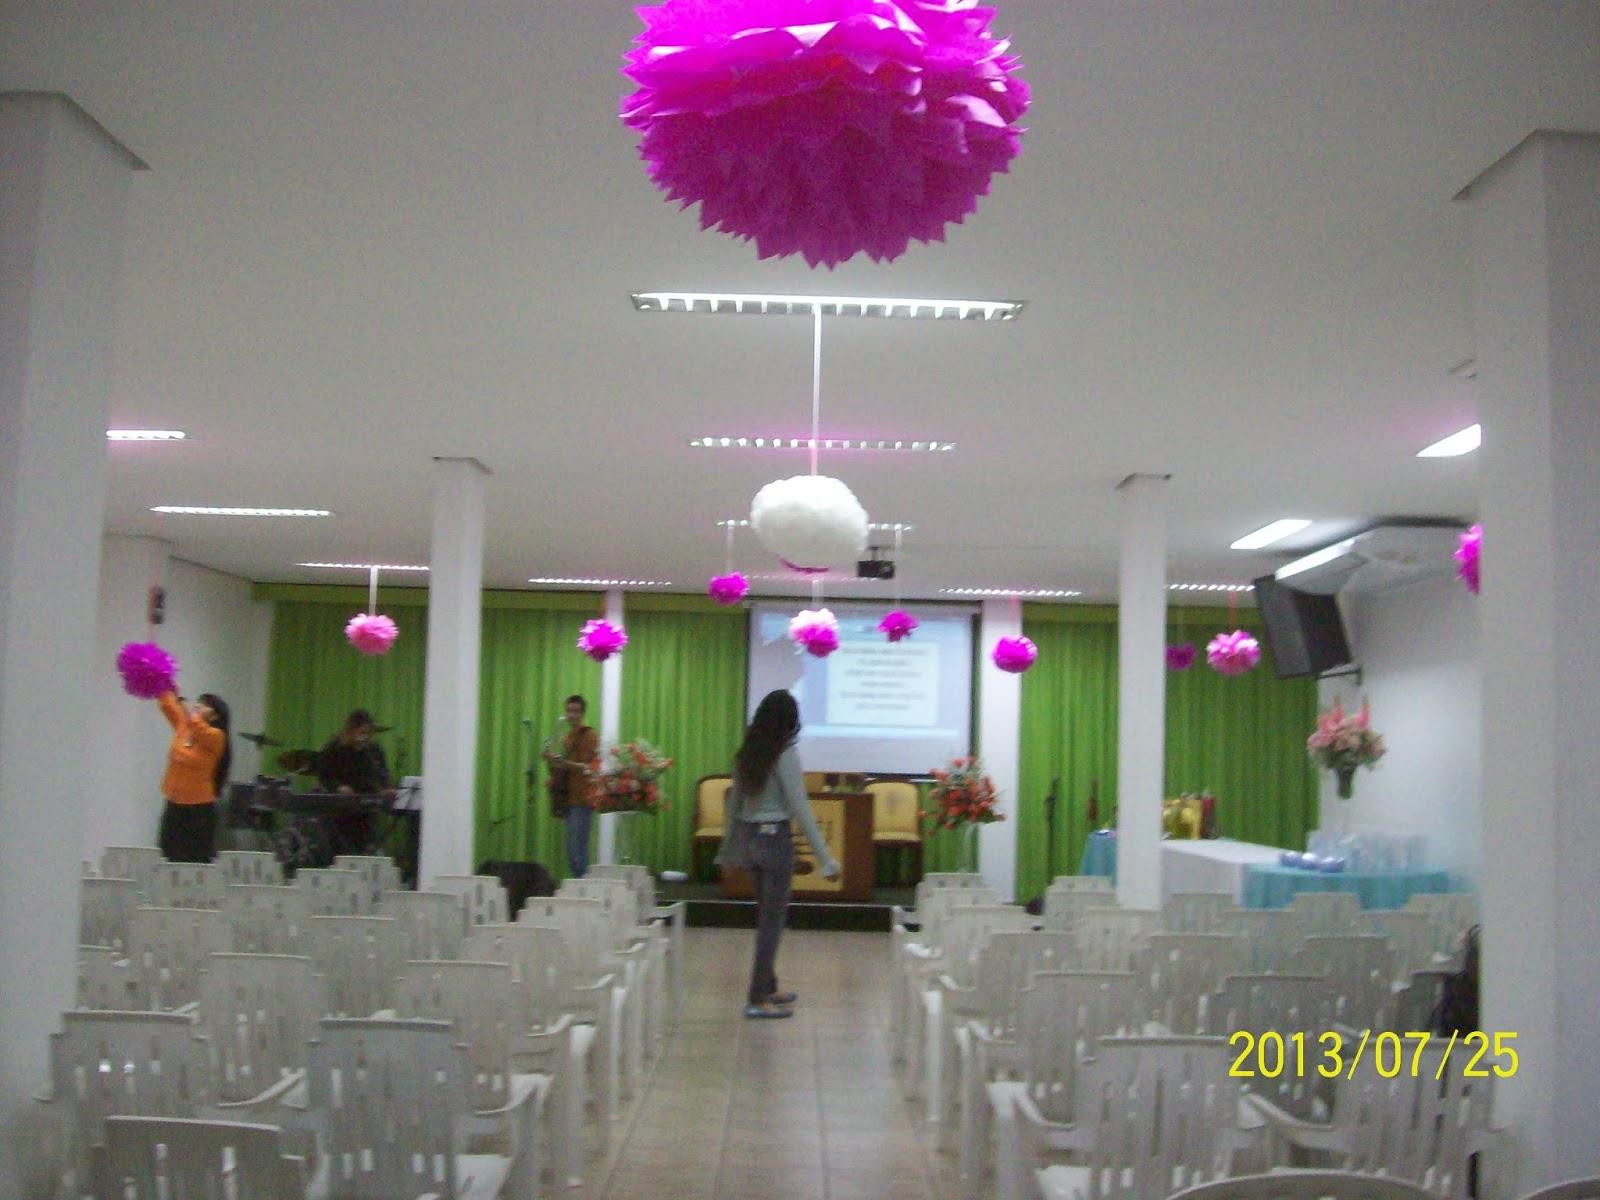 Decoraç u00e3o Para Festividade De Igreja Evangelica # Decoração De Igreja Evangelica Para Congresso Infantil